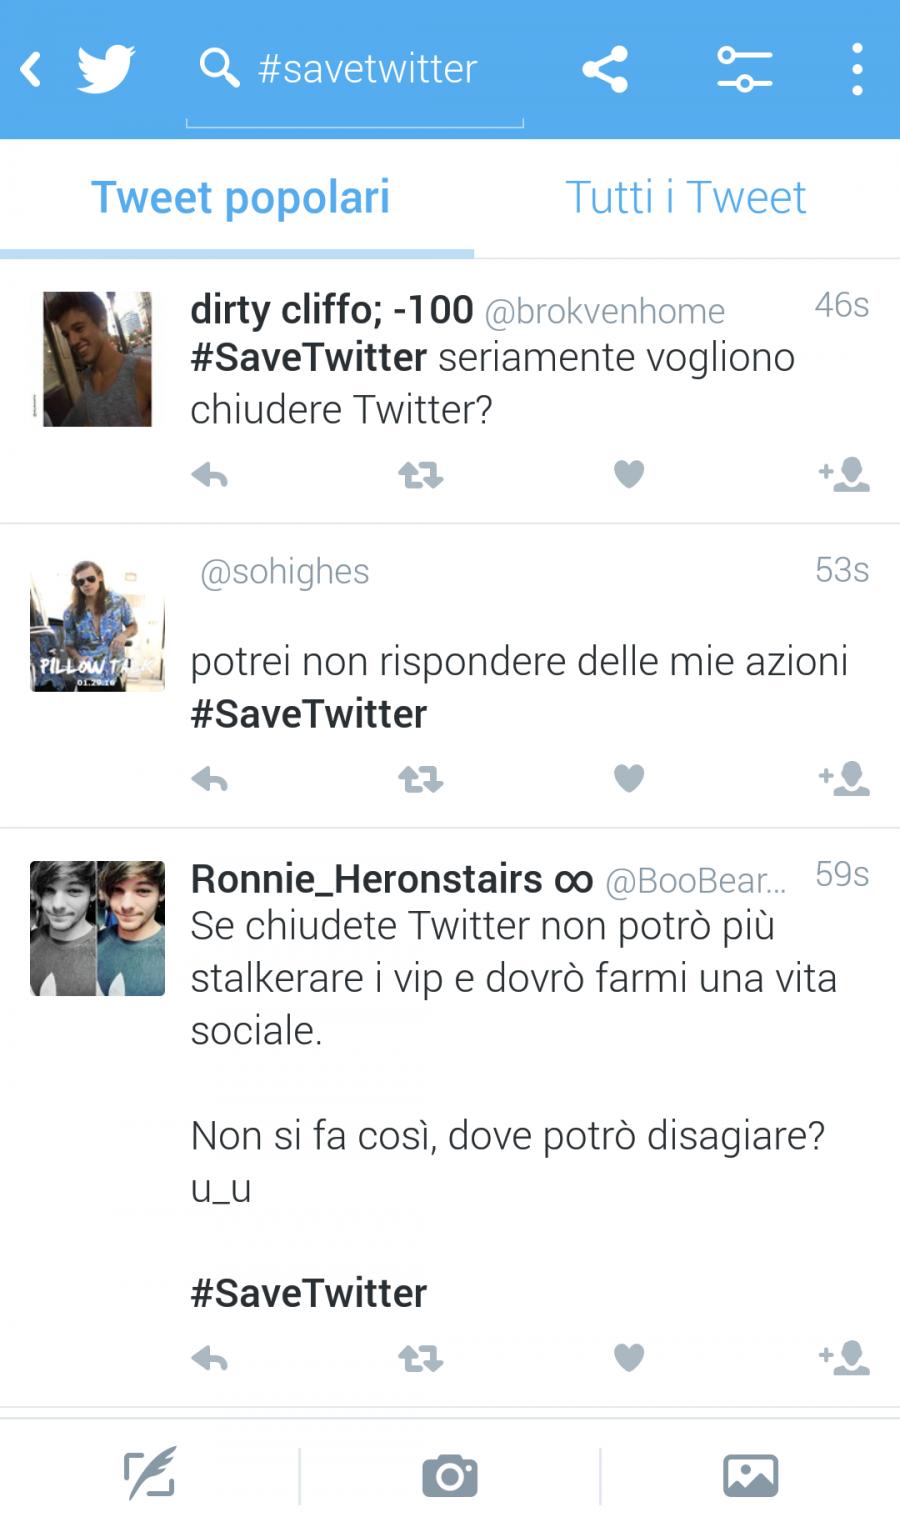 #savetwitter